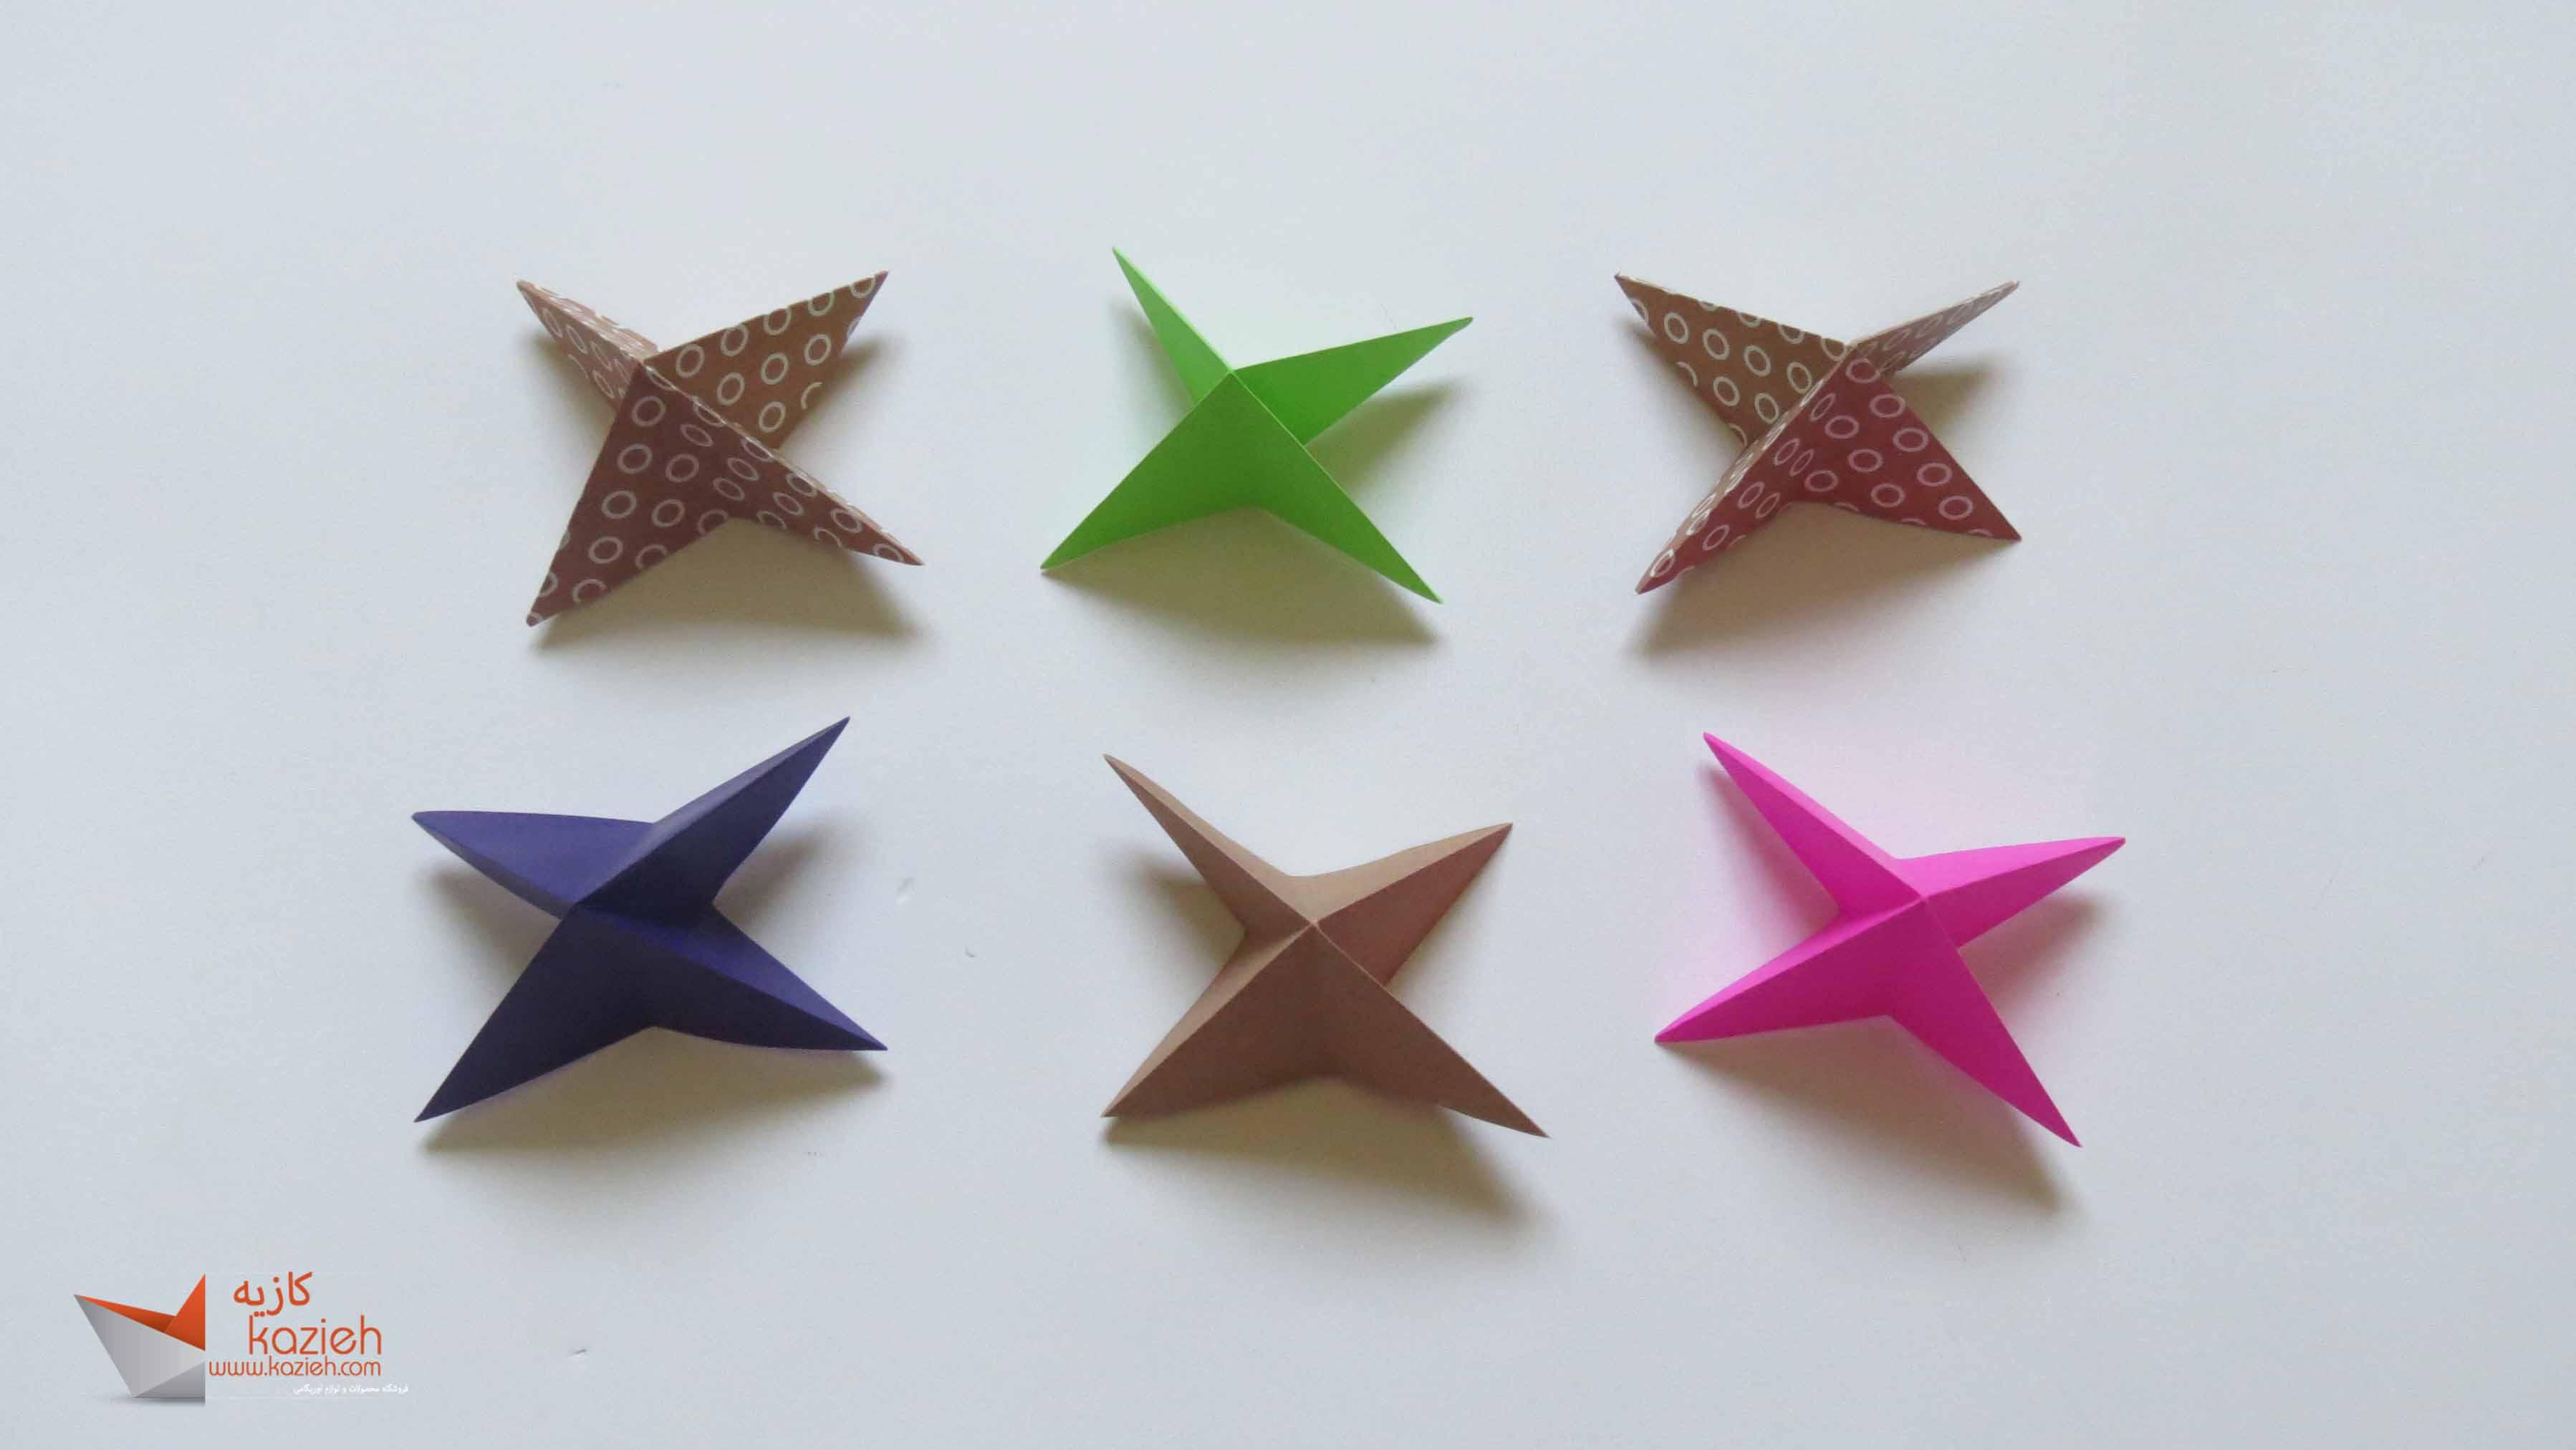 آموزش هشت وجهی اوریگامی - مرحله دوم